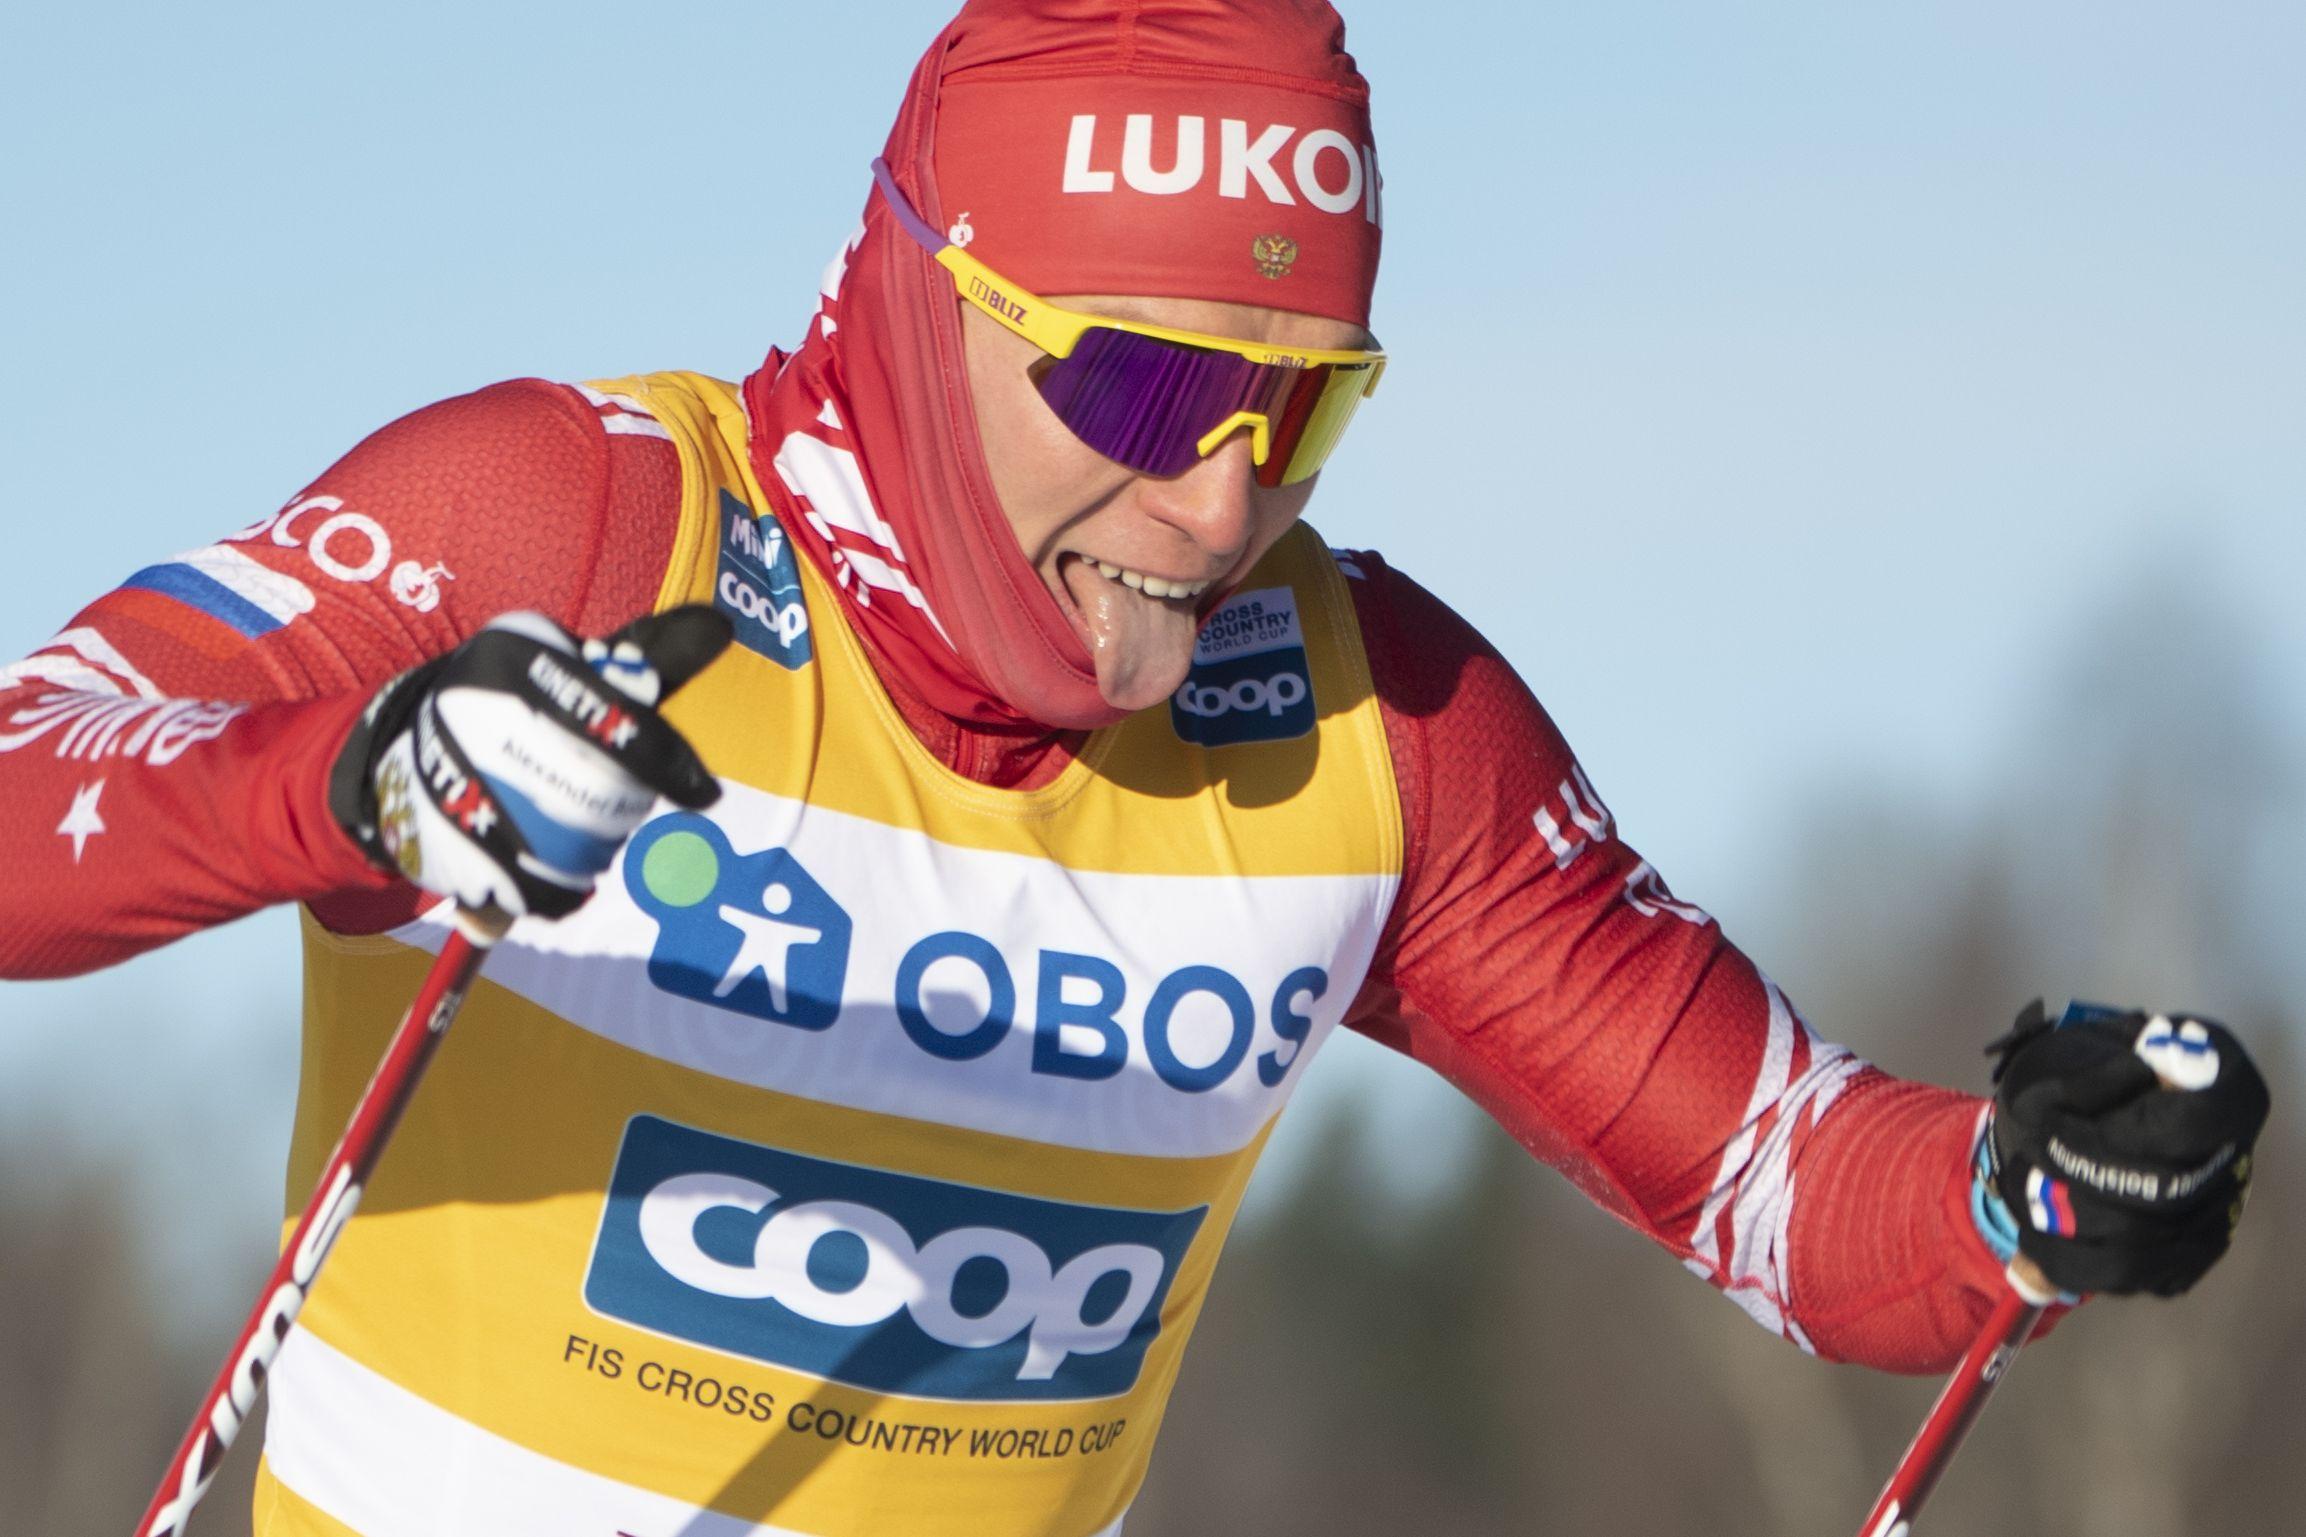 Большунов простудился перед стартом чемпионата мира по лыжным гонкам